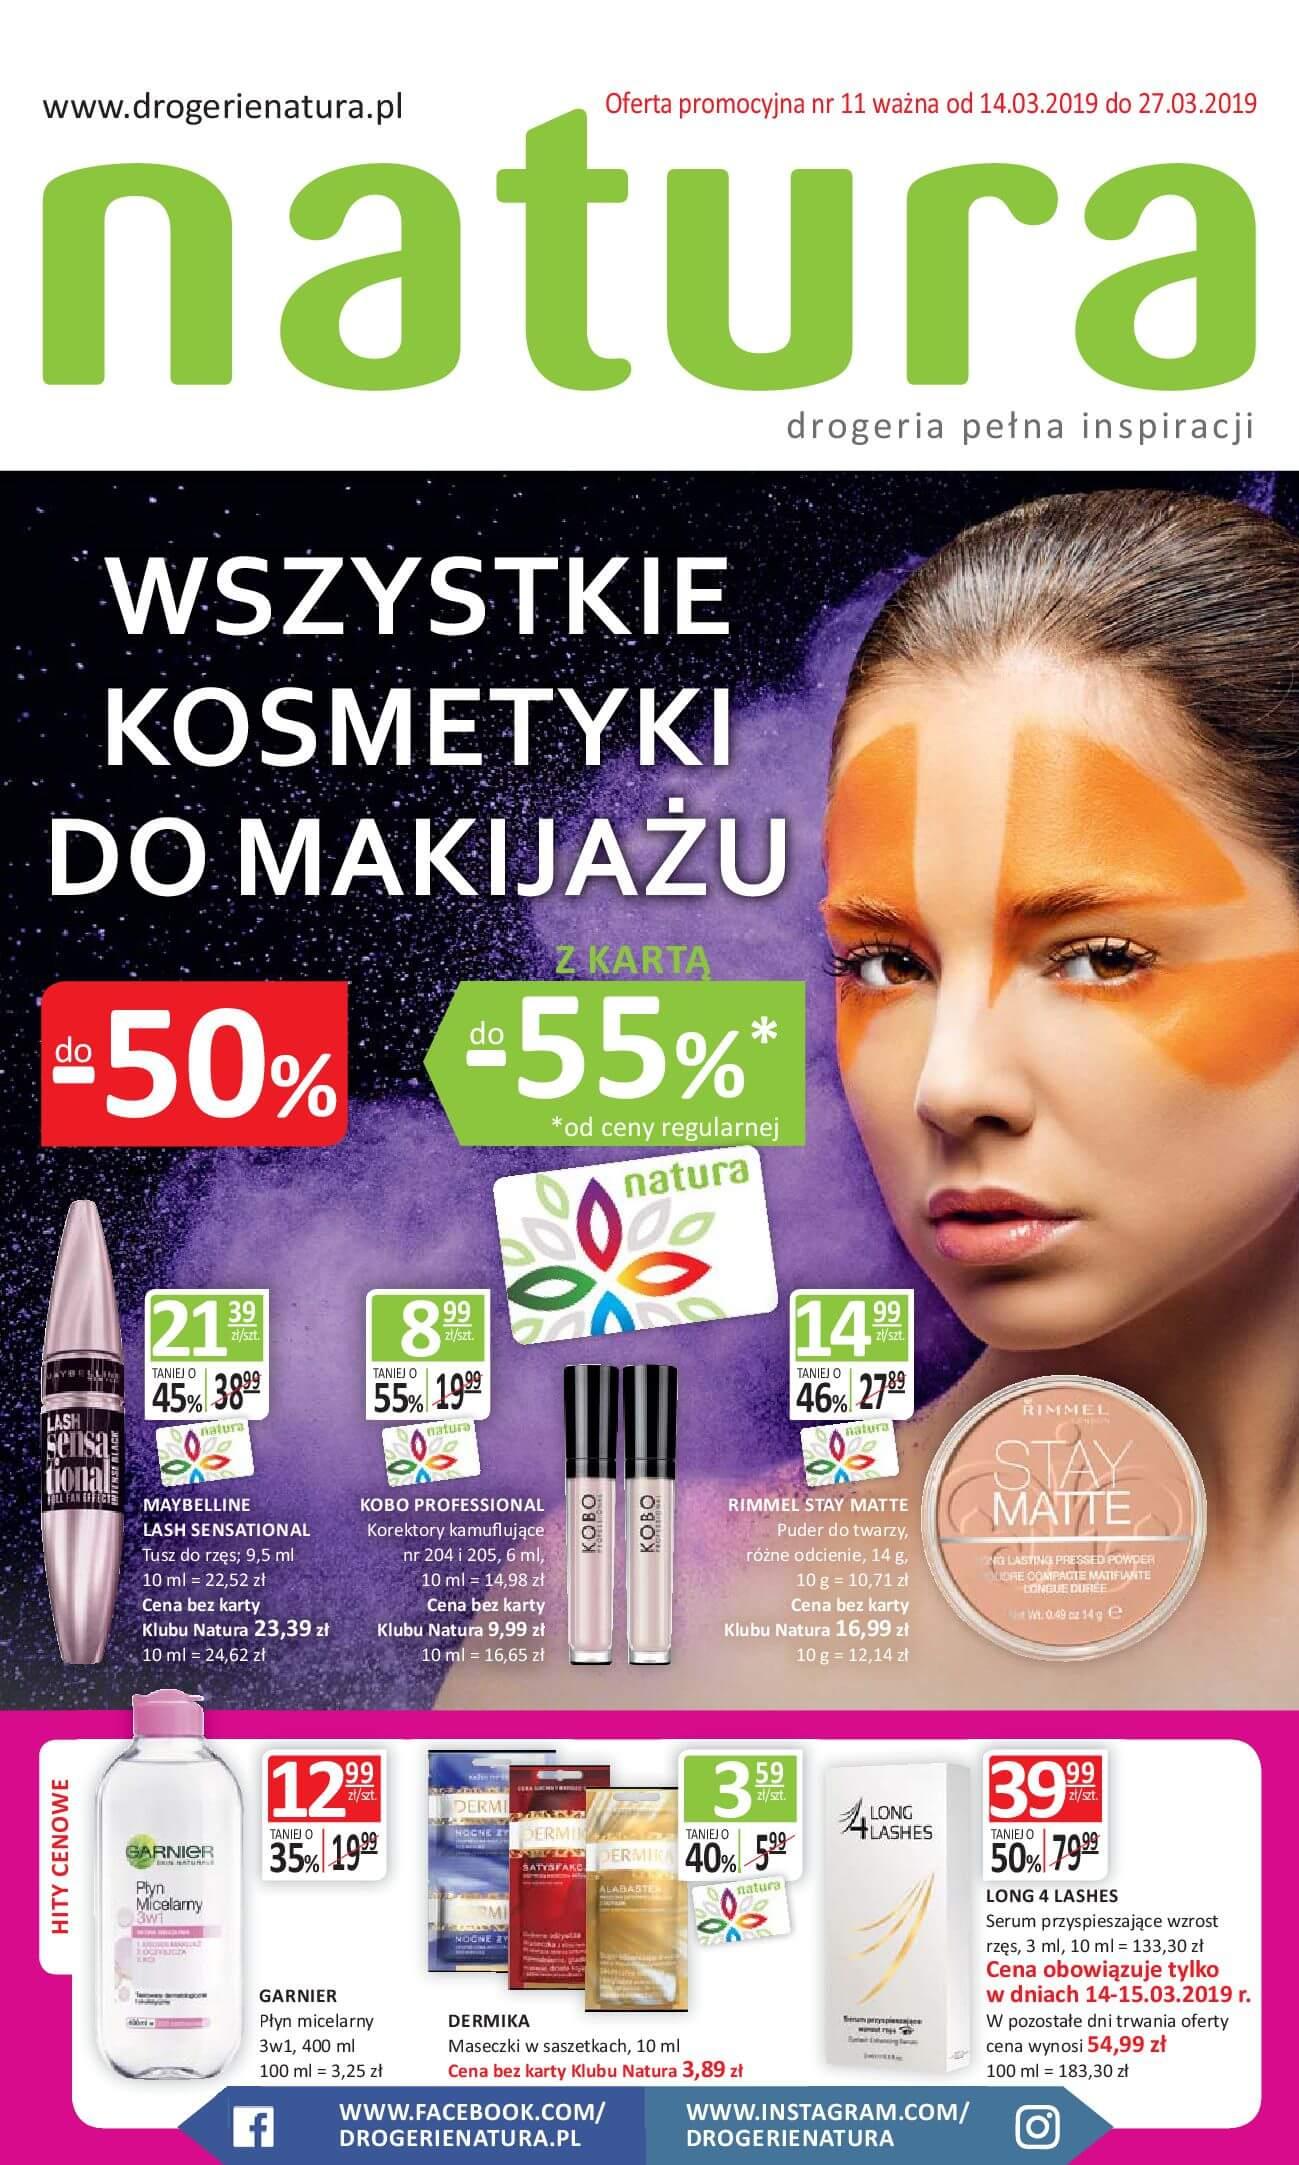 Gazetka Drogerie Natura - Oferta na artykuły kosmetyczne-13.03.2019-27.03.2019-page-